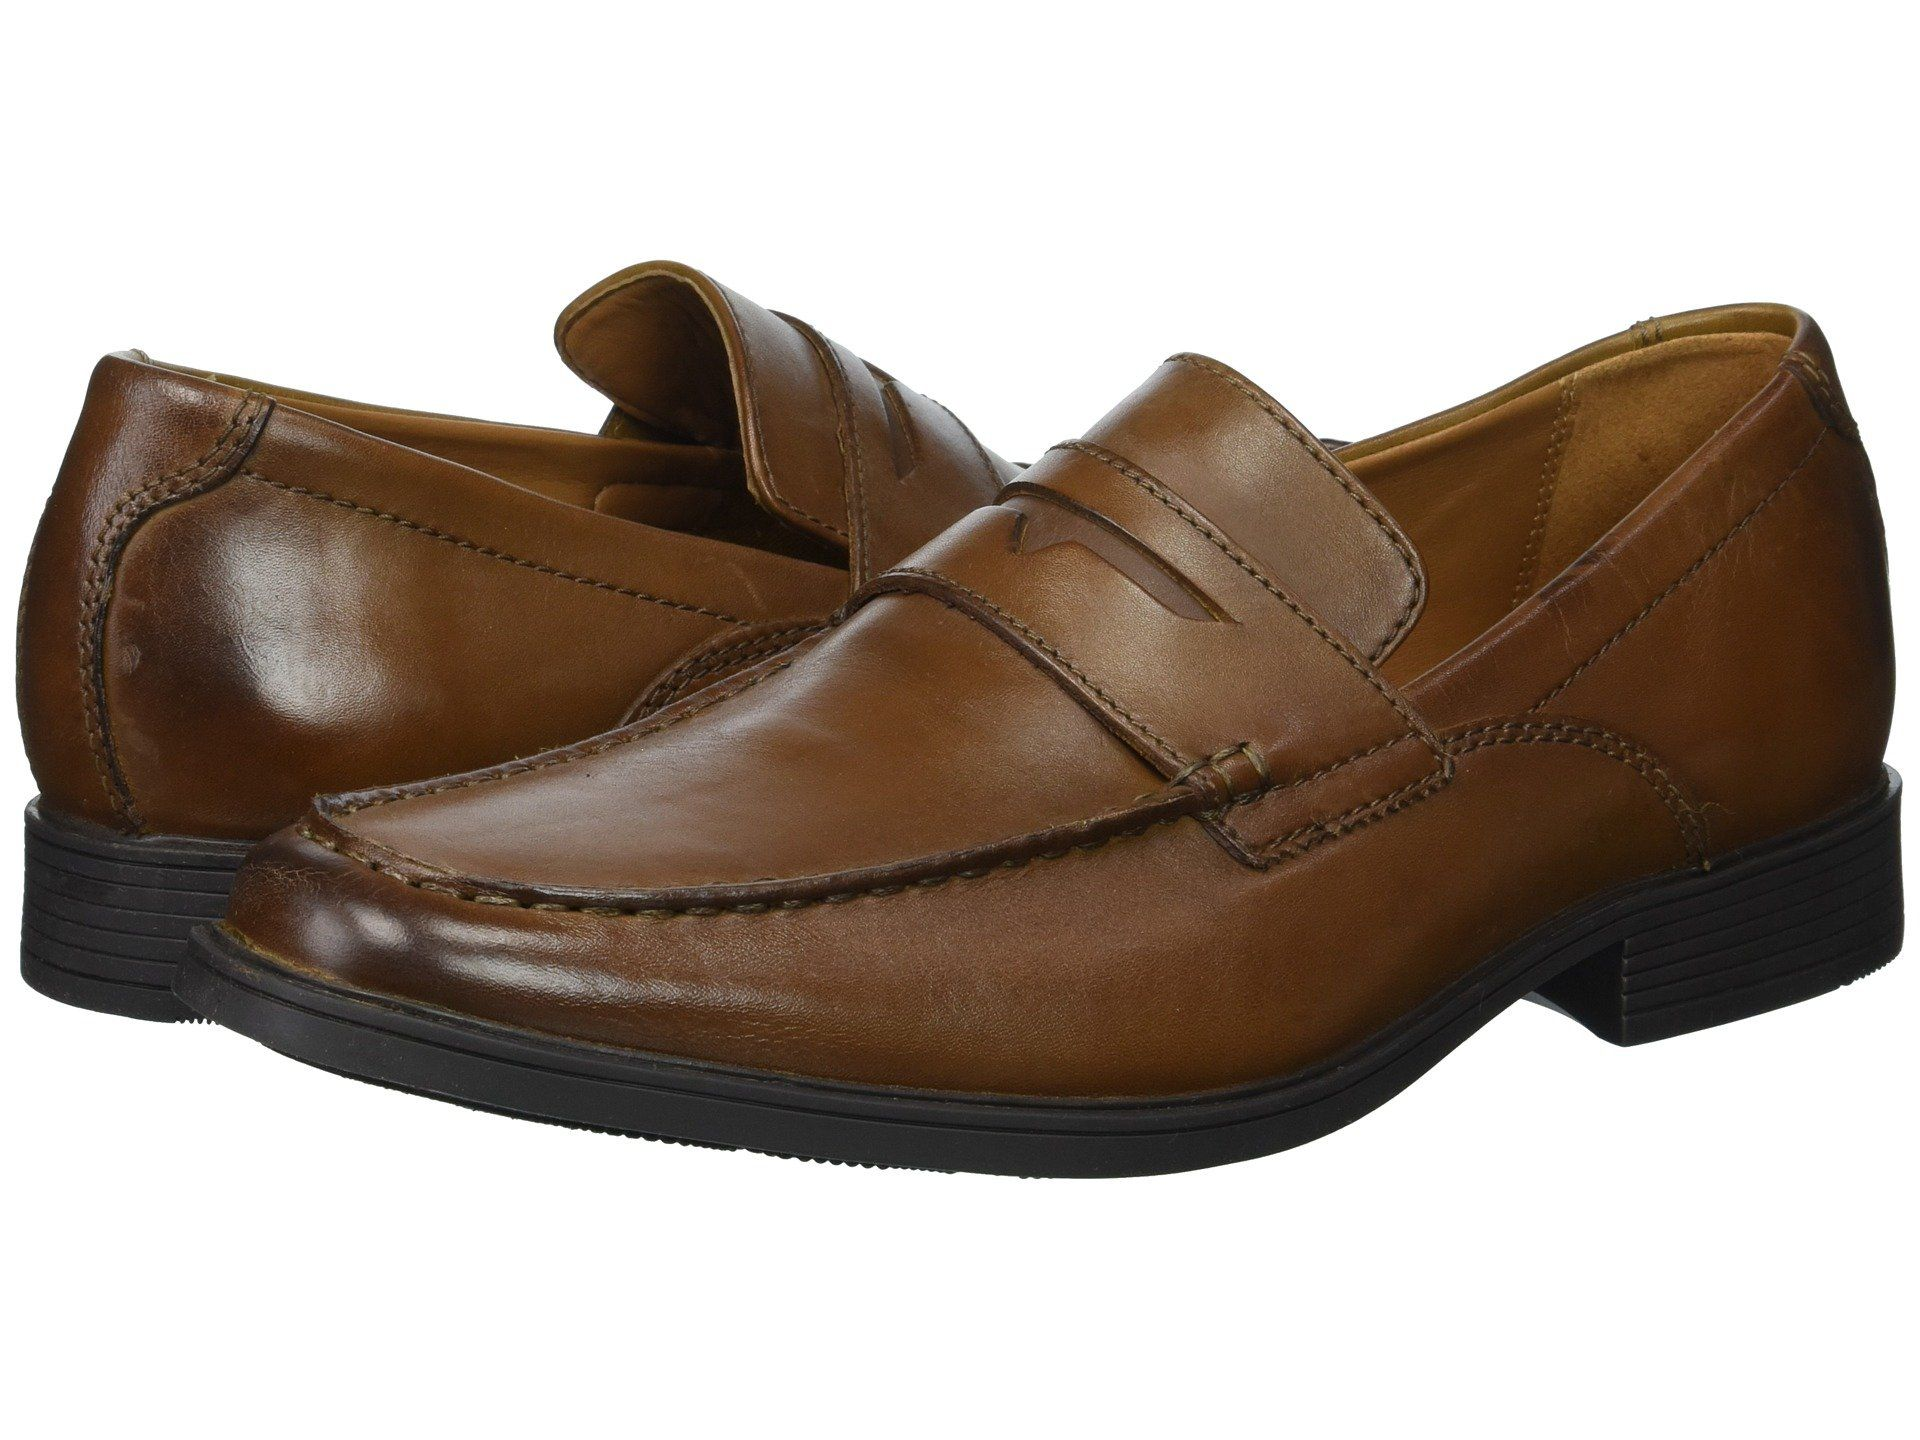 46c1baedd58 CLARKS Tilden Way.  clarks  shoes